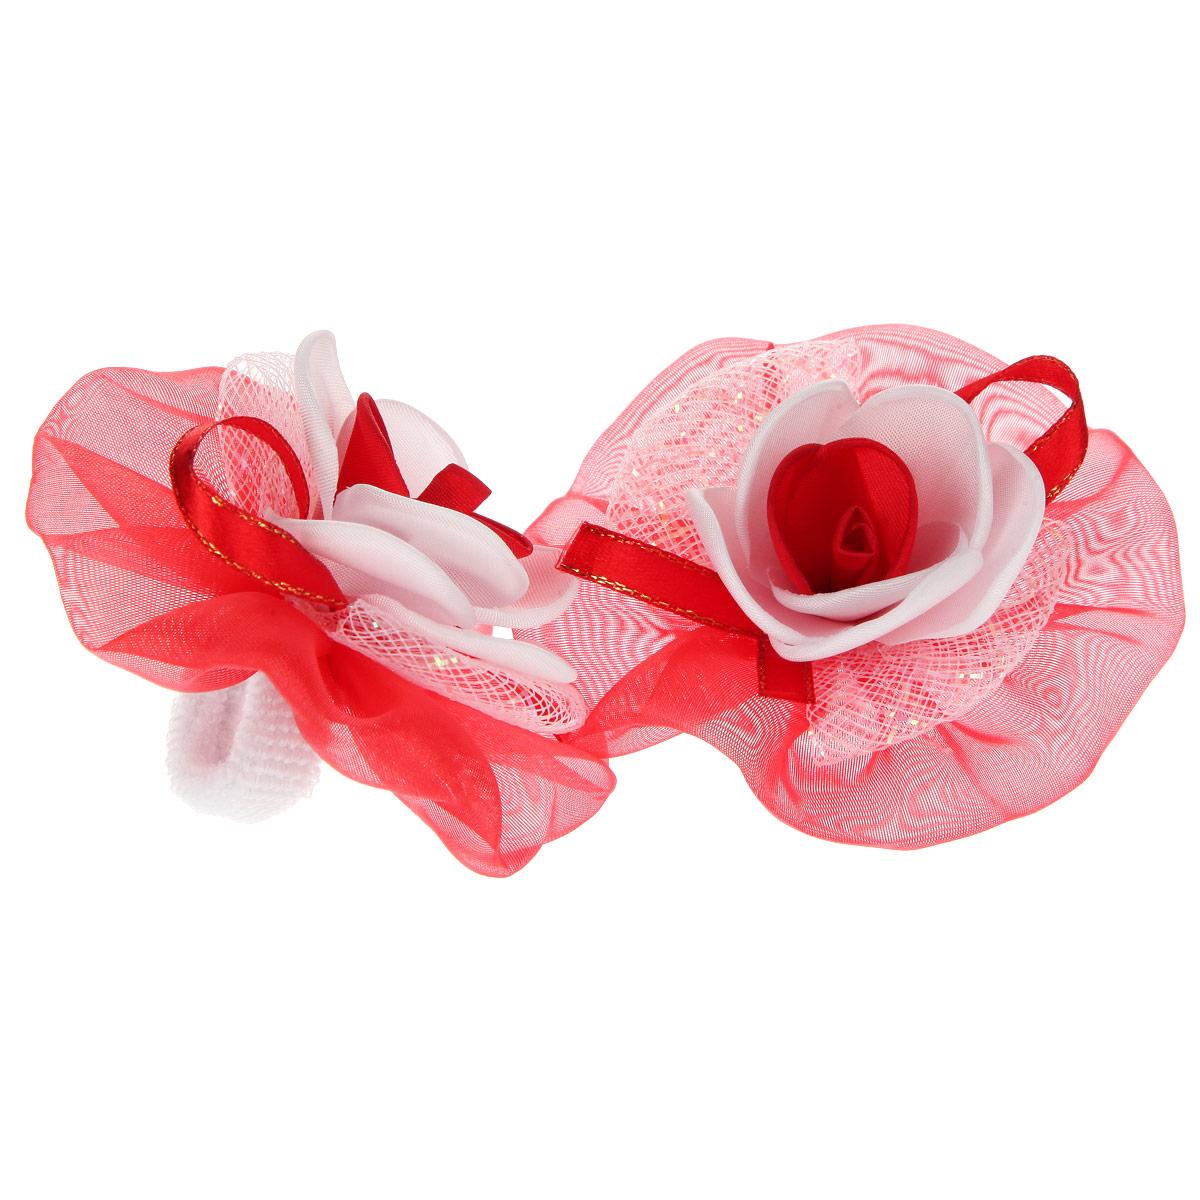 Набор резинок для волос Babys Joy, цвет: красный, белый, 2 шт. AL 970AL 970Набор резинок для волос Babys Joy содержит две резинки, которые выполнены в виде цветков из текстиля, атласной ленты, органзы и в центре оформлены розочками. Набор резинок для волос Babys Joy подчеркнет красоту прически вашей маленькой модницы.